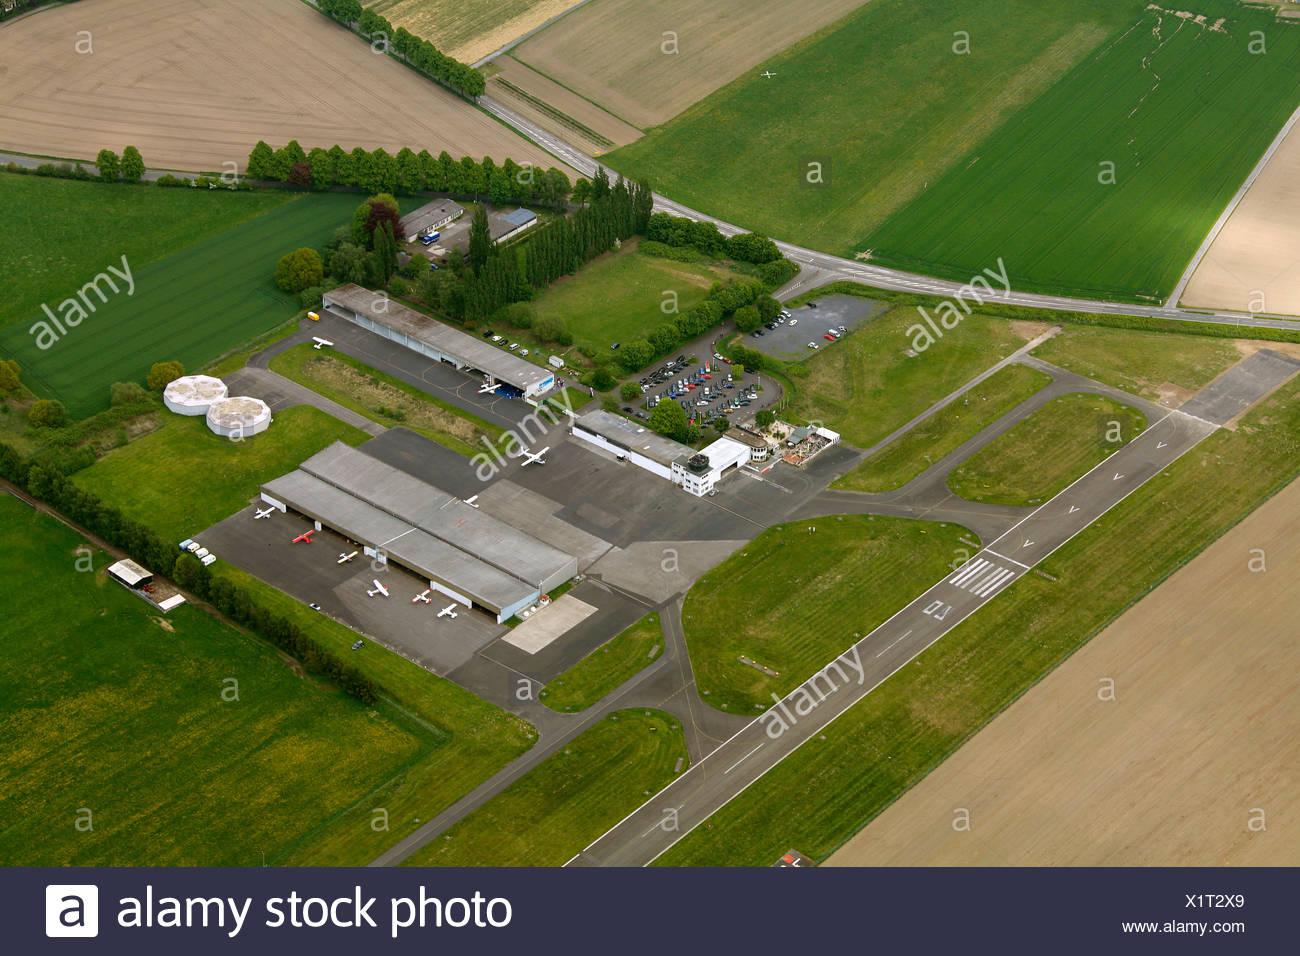 Vue aérienne de l'avion, l'aérodrome d'aviation générale, hangar, piste de l'aérodrome EDLM marnes, marnes, région de la Ruhr Banque D'Images